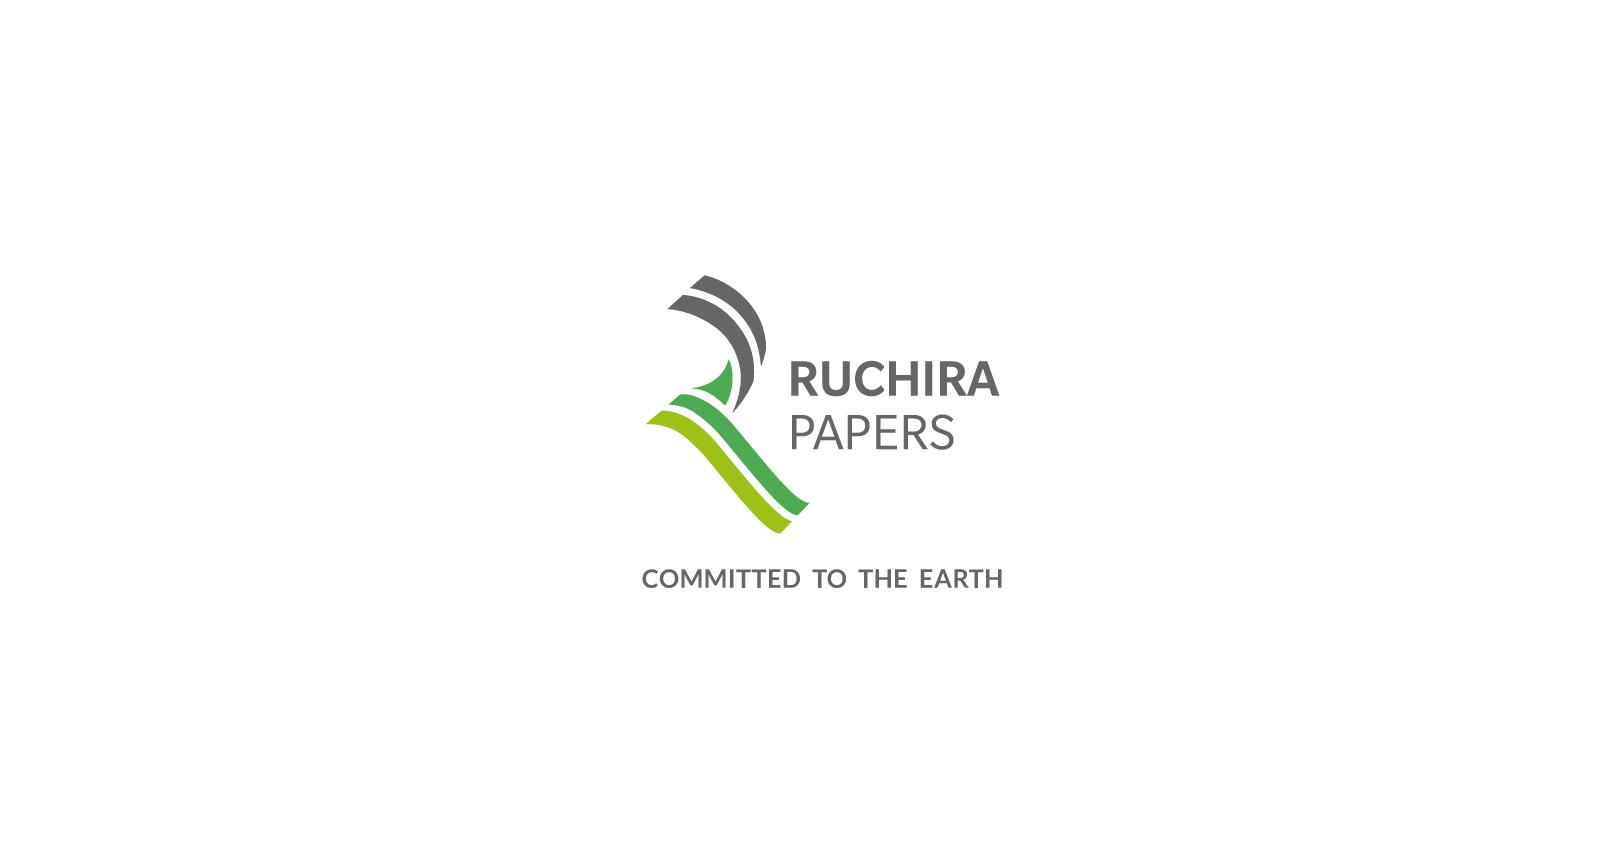 Ruchira Papers